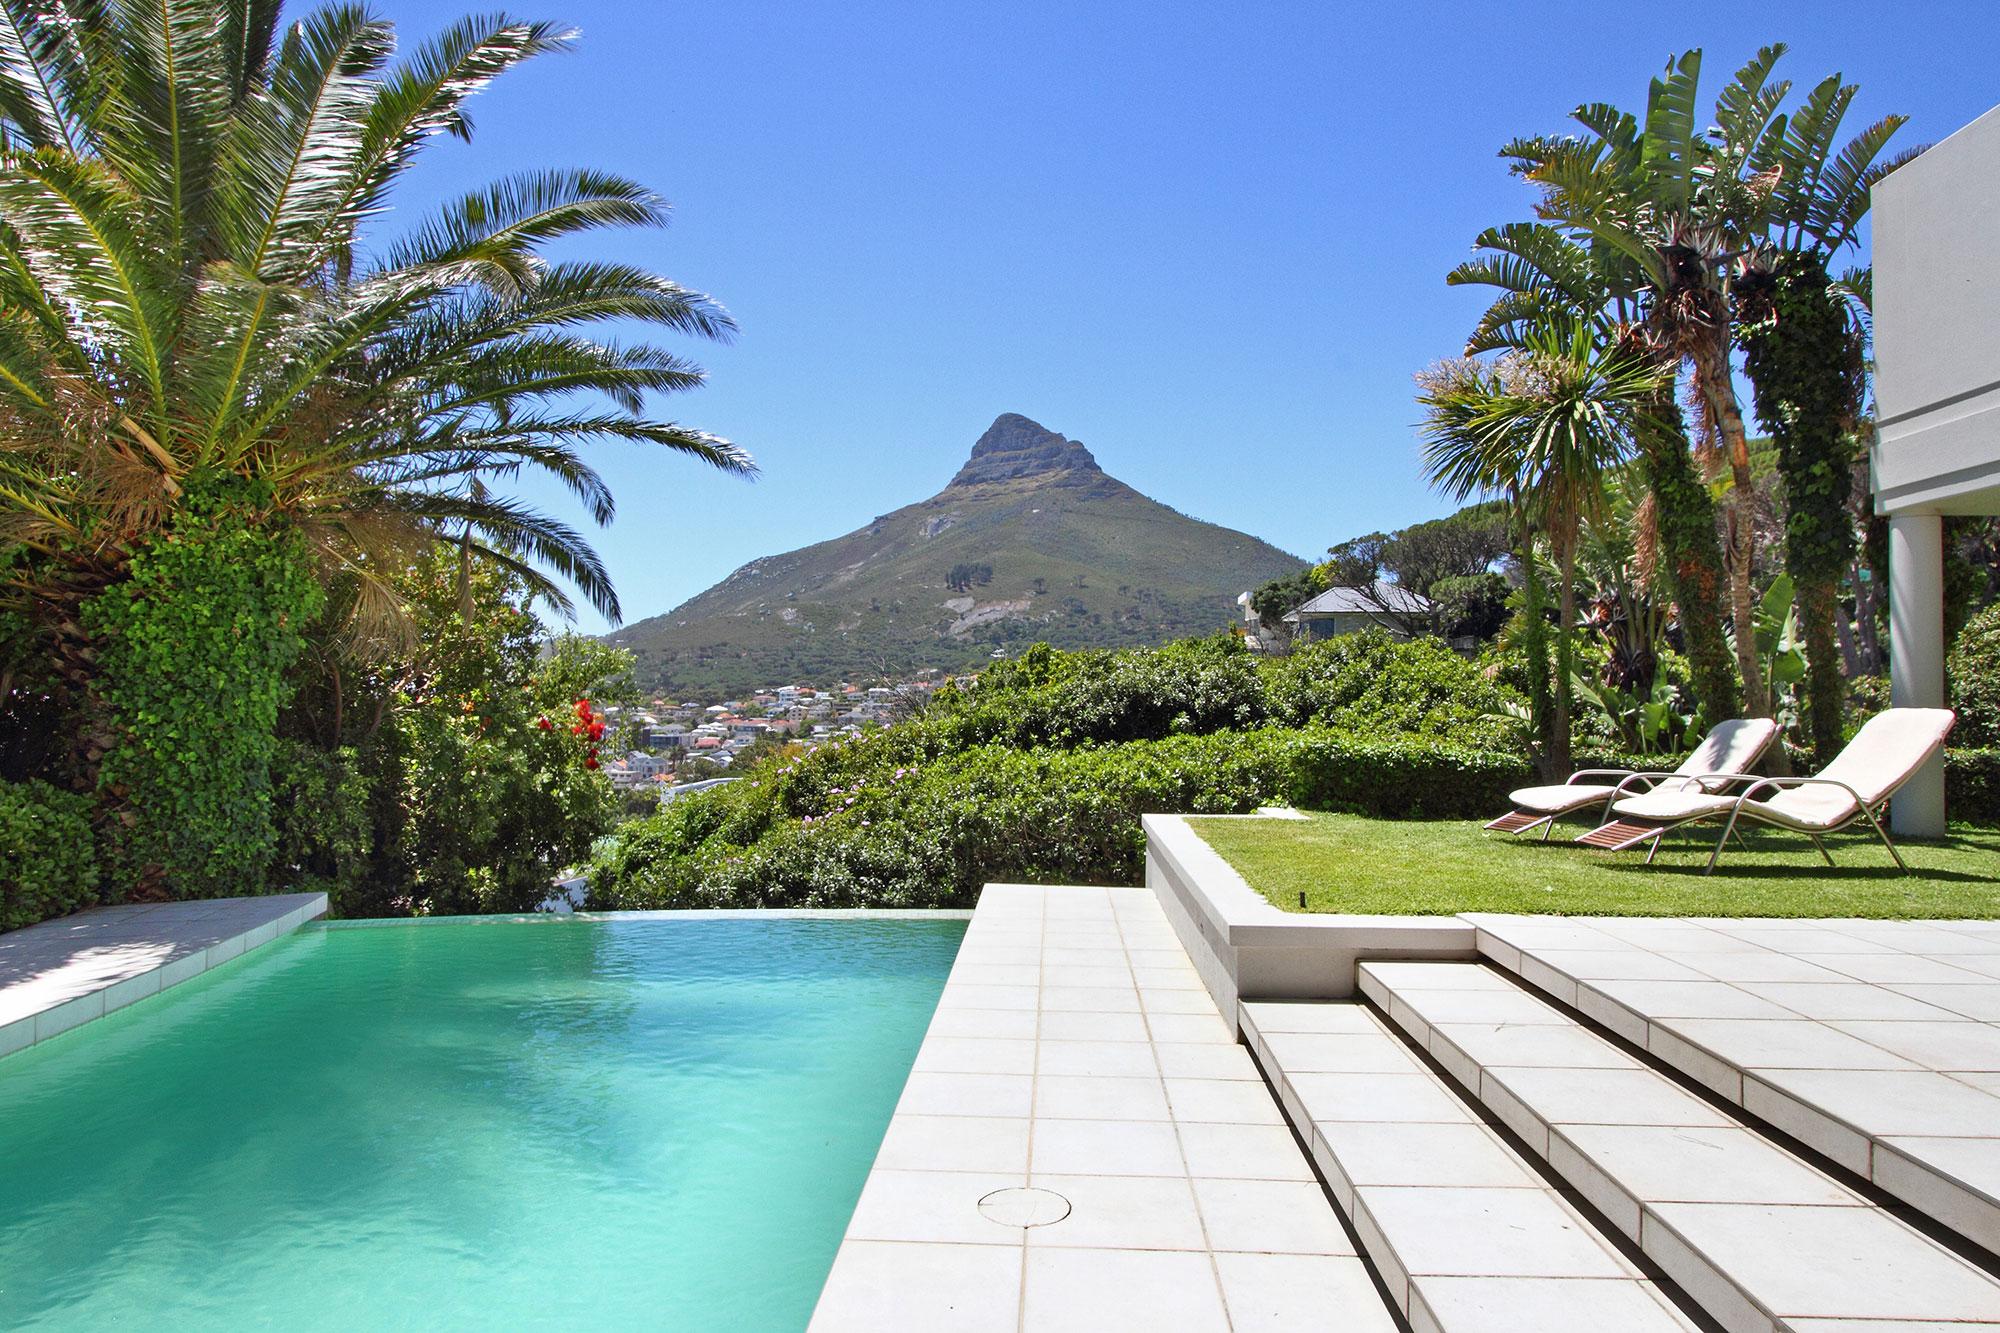 Pool terrace looking towards Lion's Head